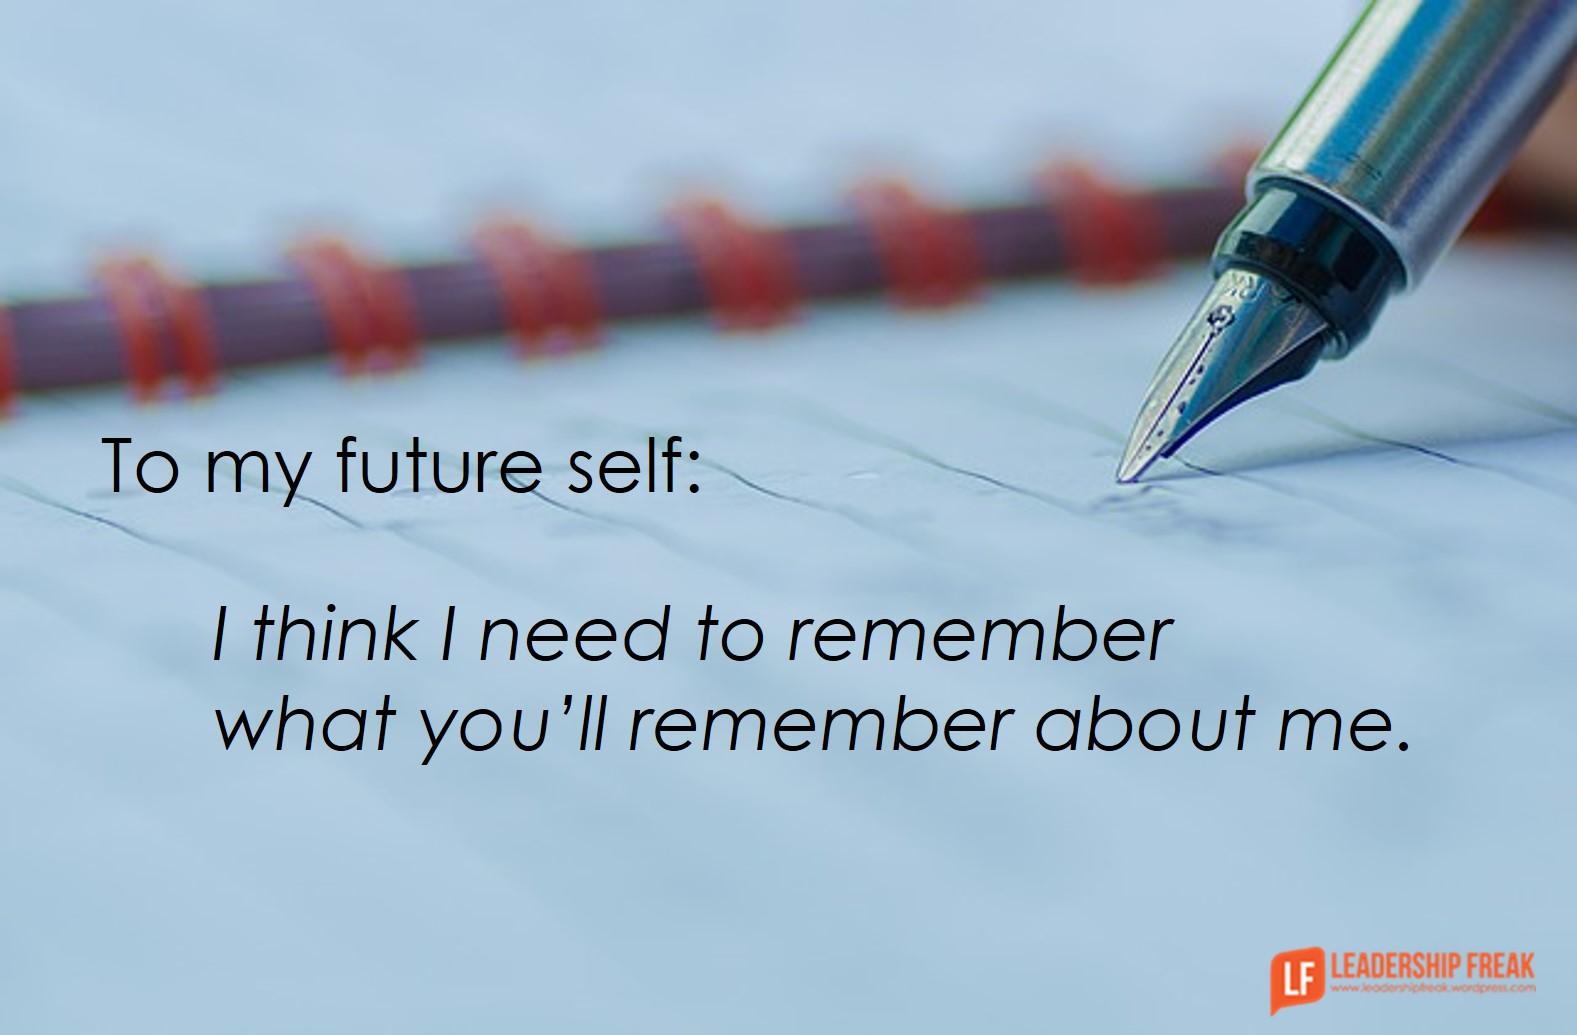 12 Promises to My Future Self | Leadership Freak